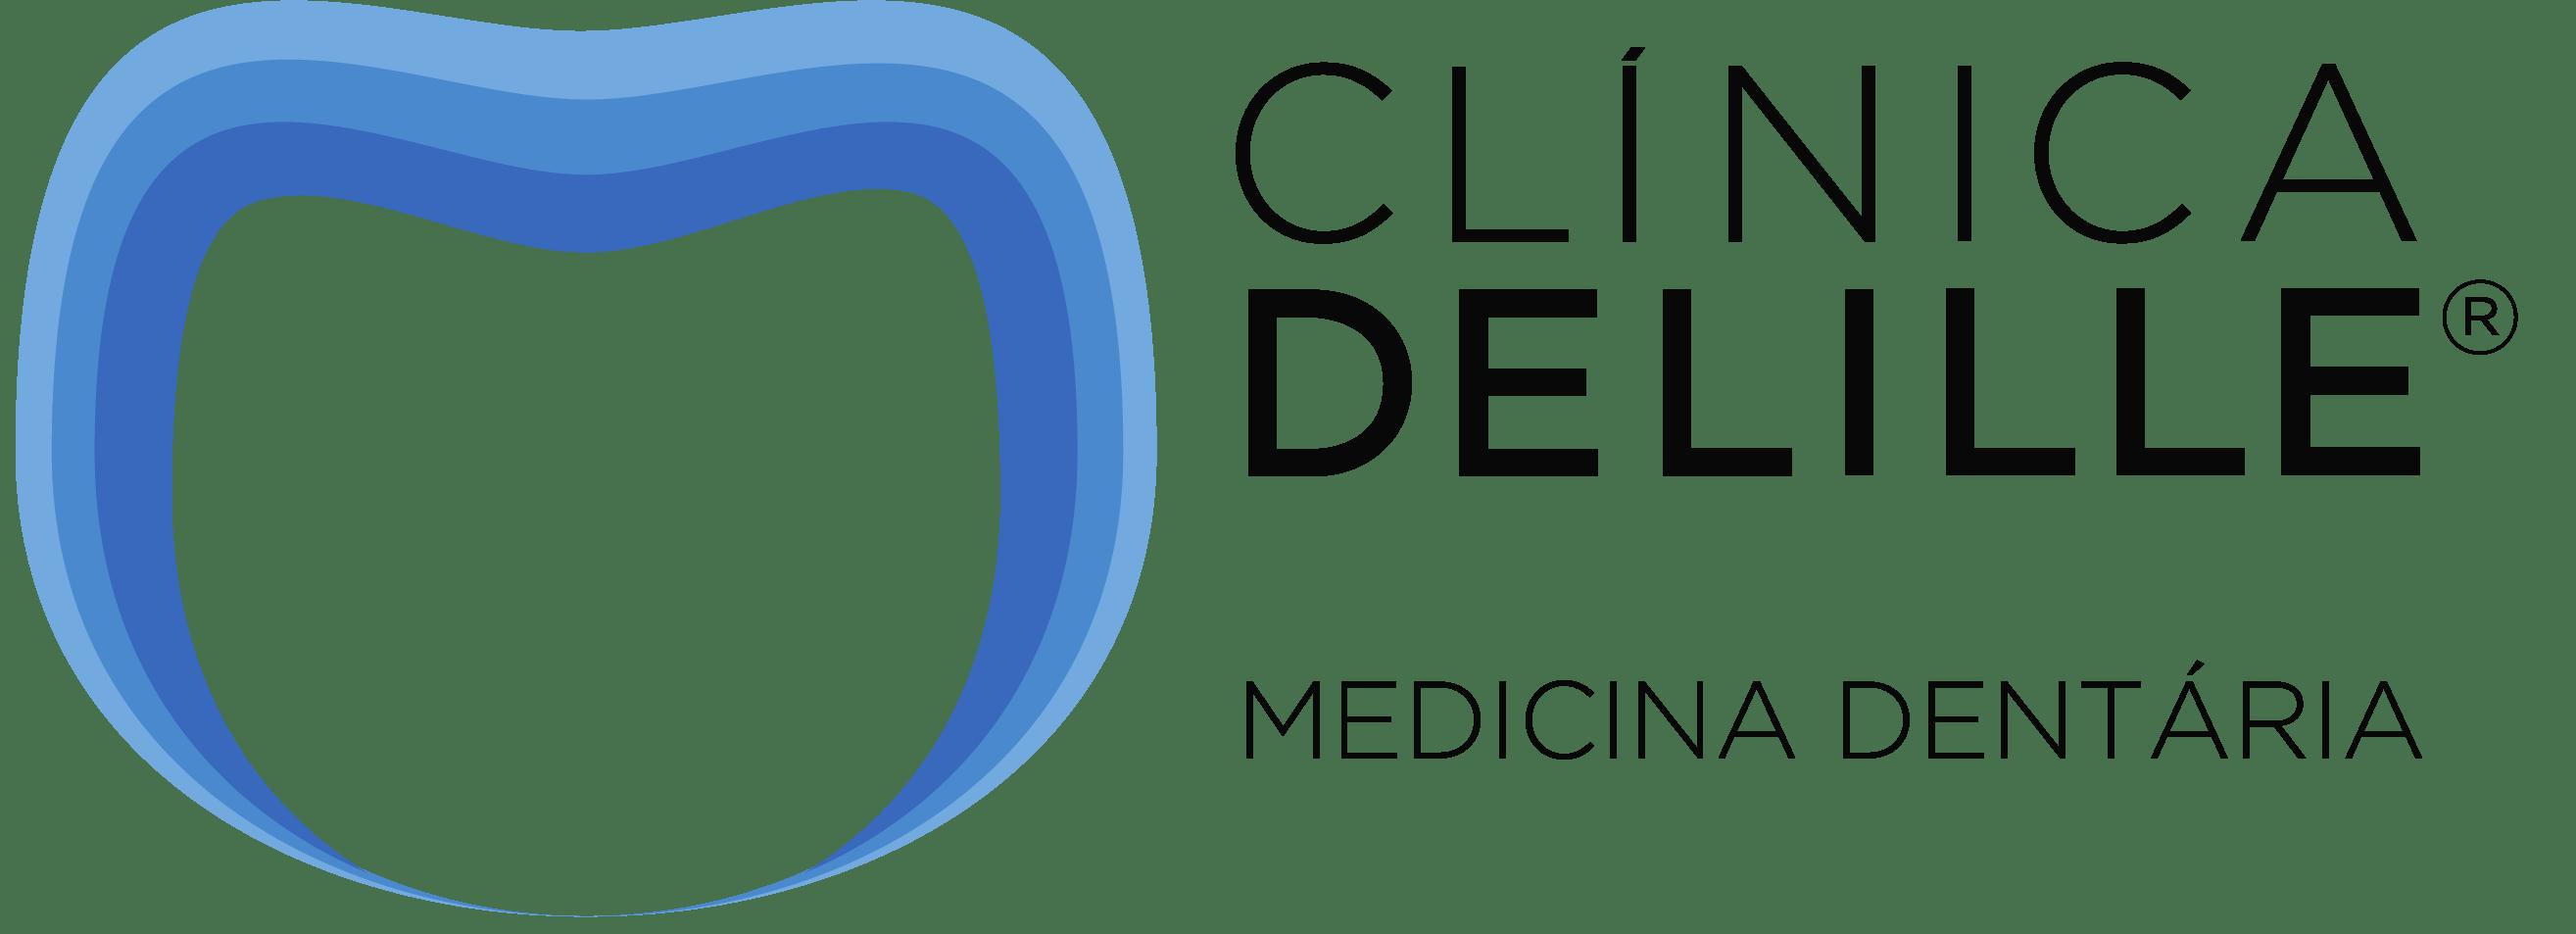 Clínica Delille